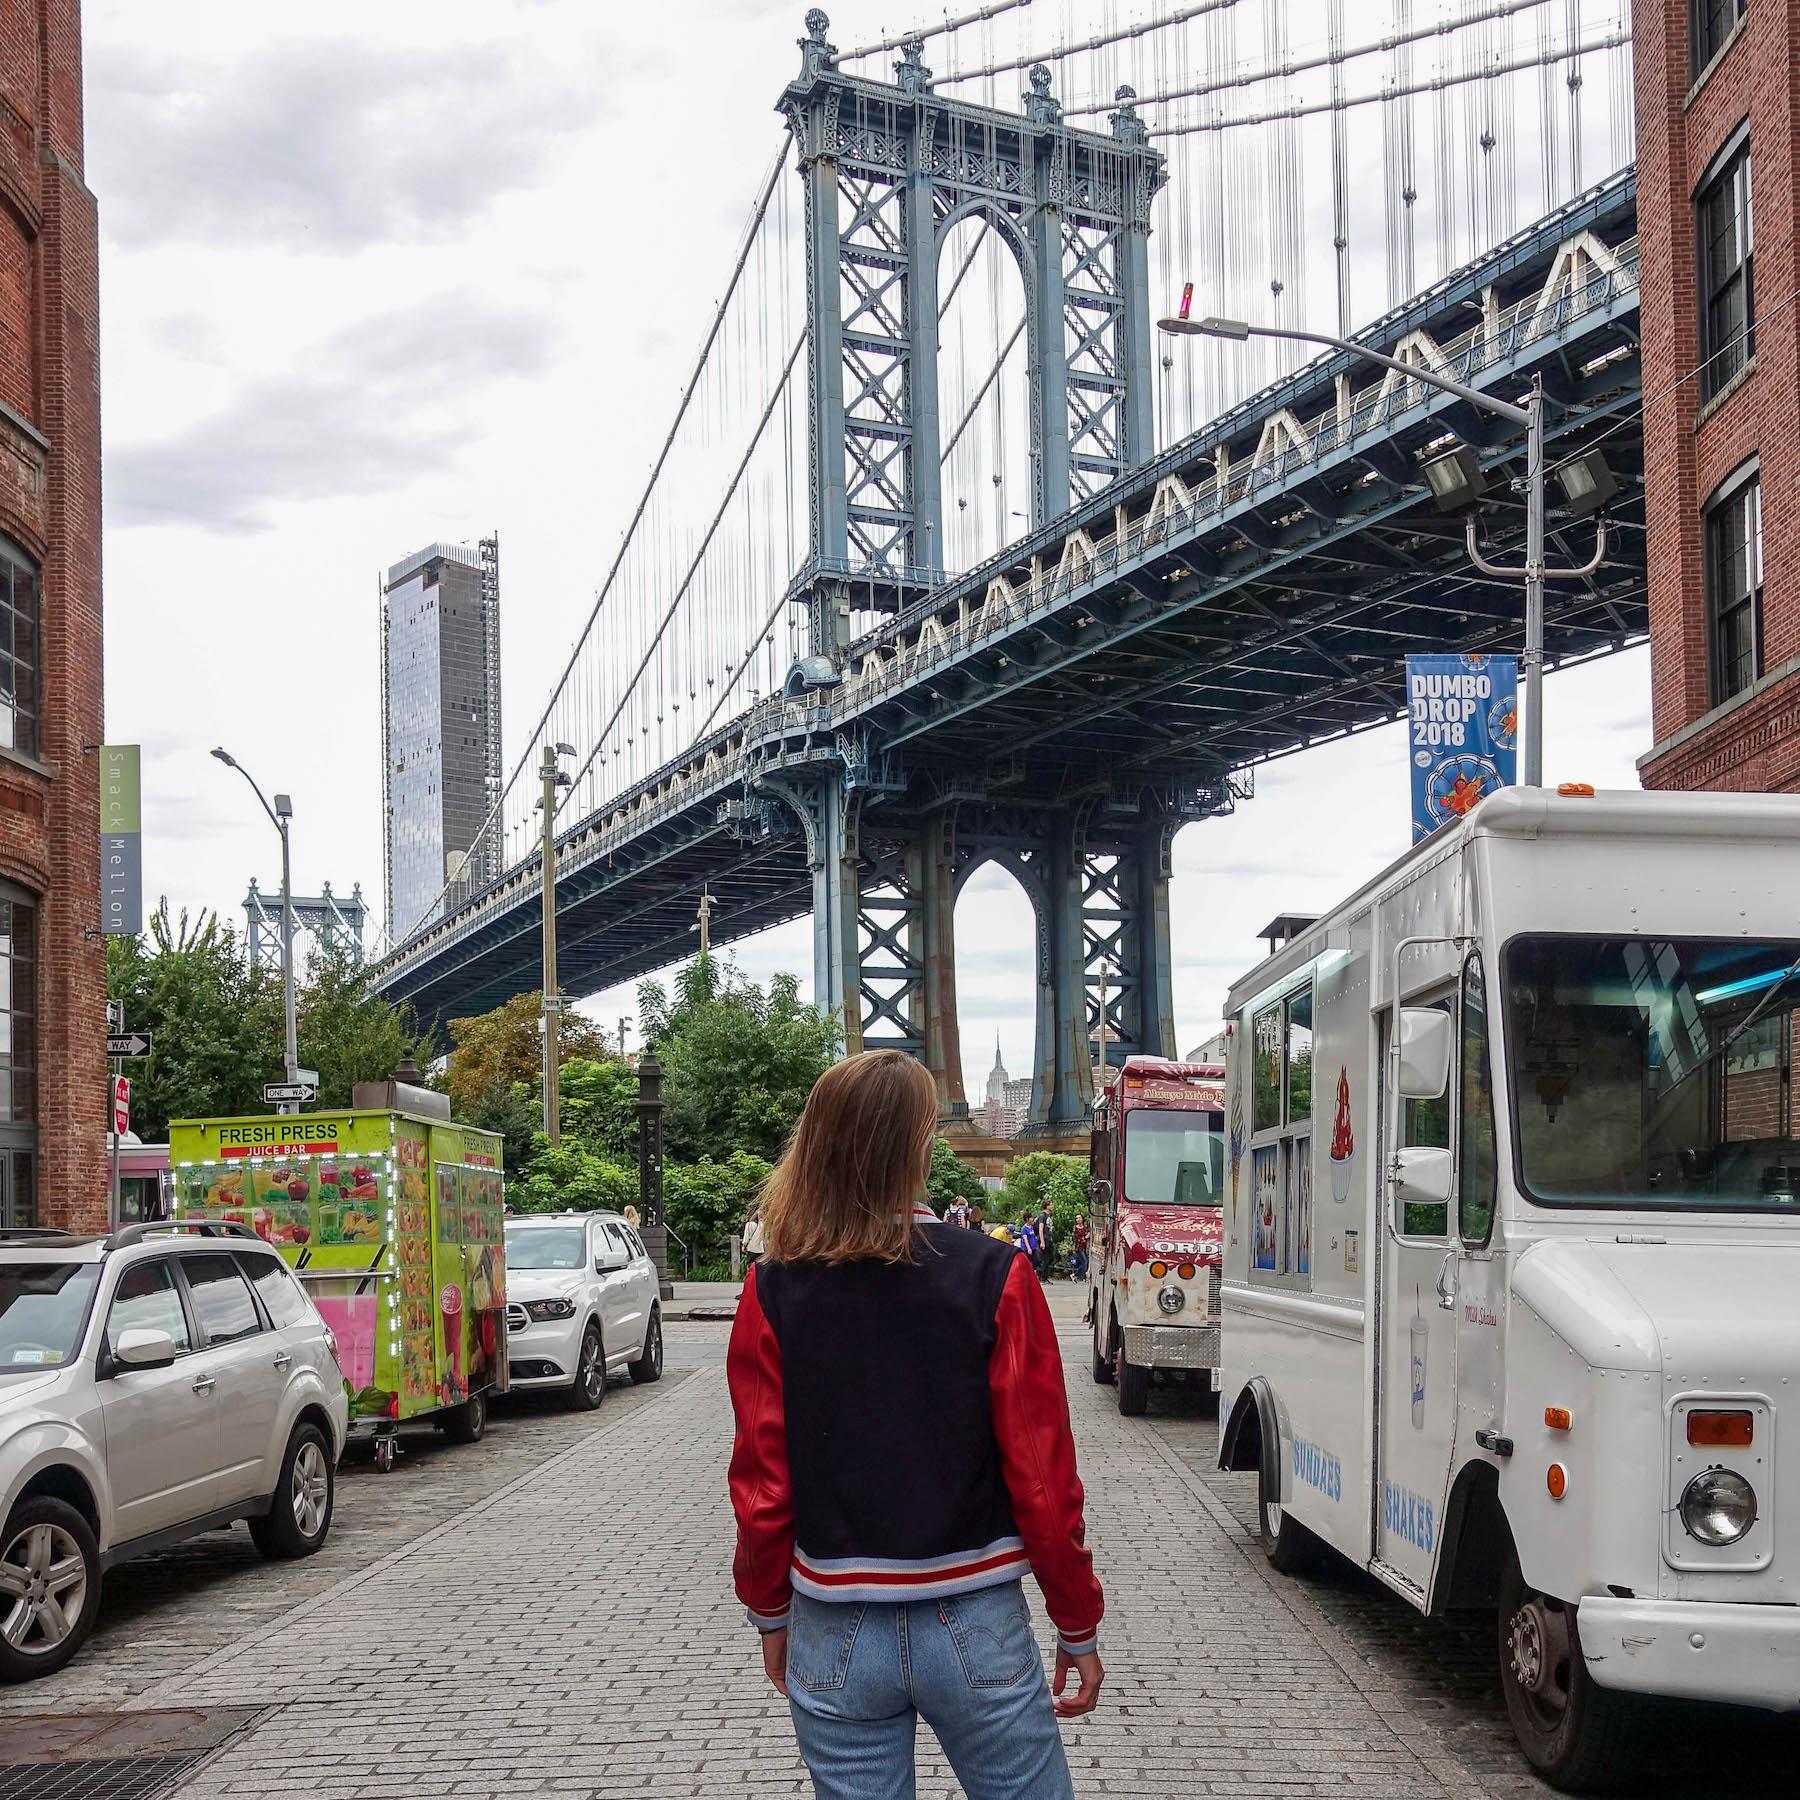 was ich an new york vermisse susan fengler suelovesnyc dumbo suelovesnyc_dumbo_susan_fengler_newyorkcity_an_new_york_vermisse